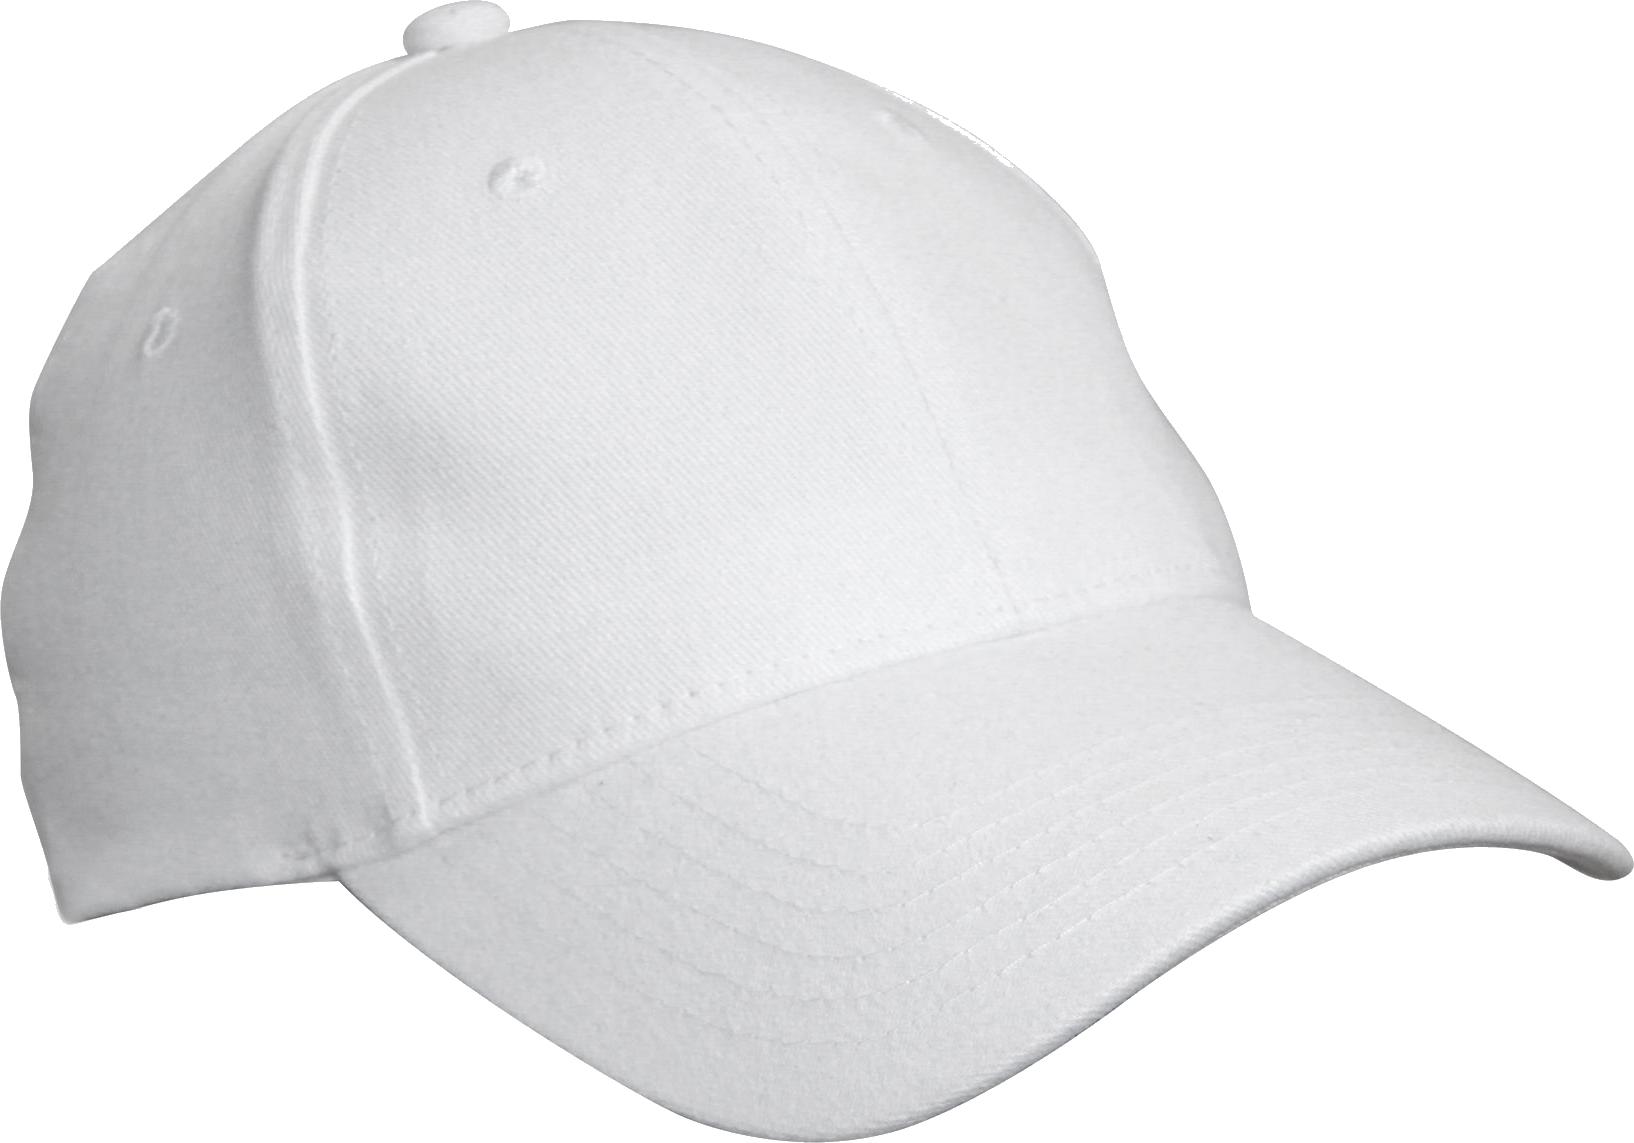 Simple White Cap Png Image White Caps Cap Simple